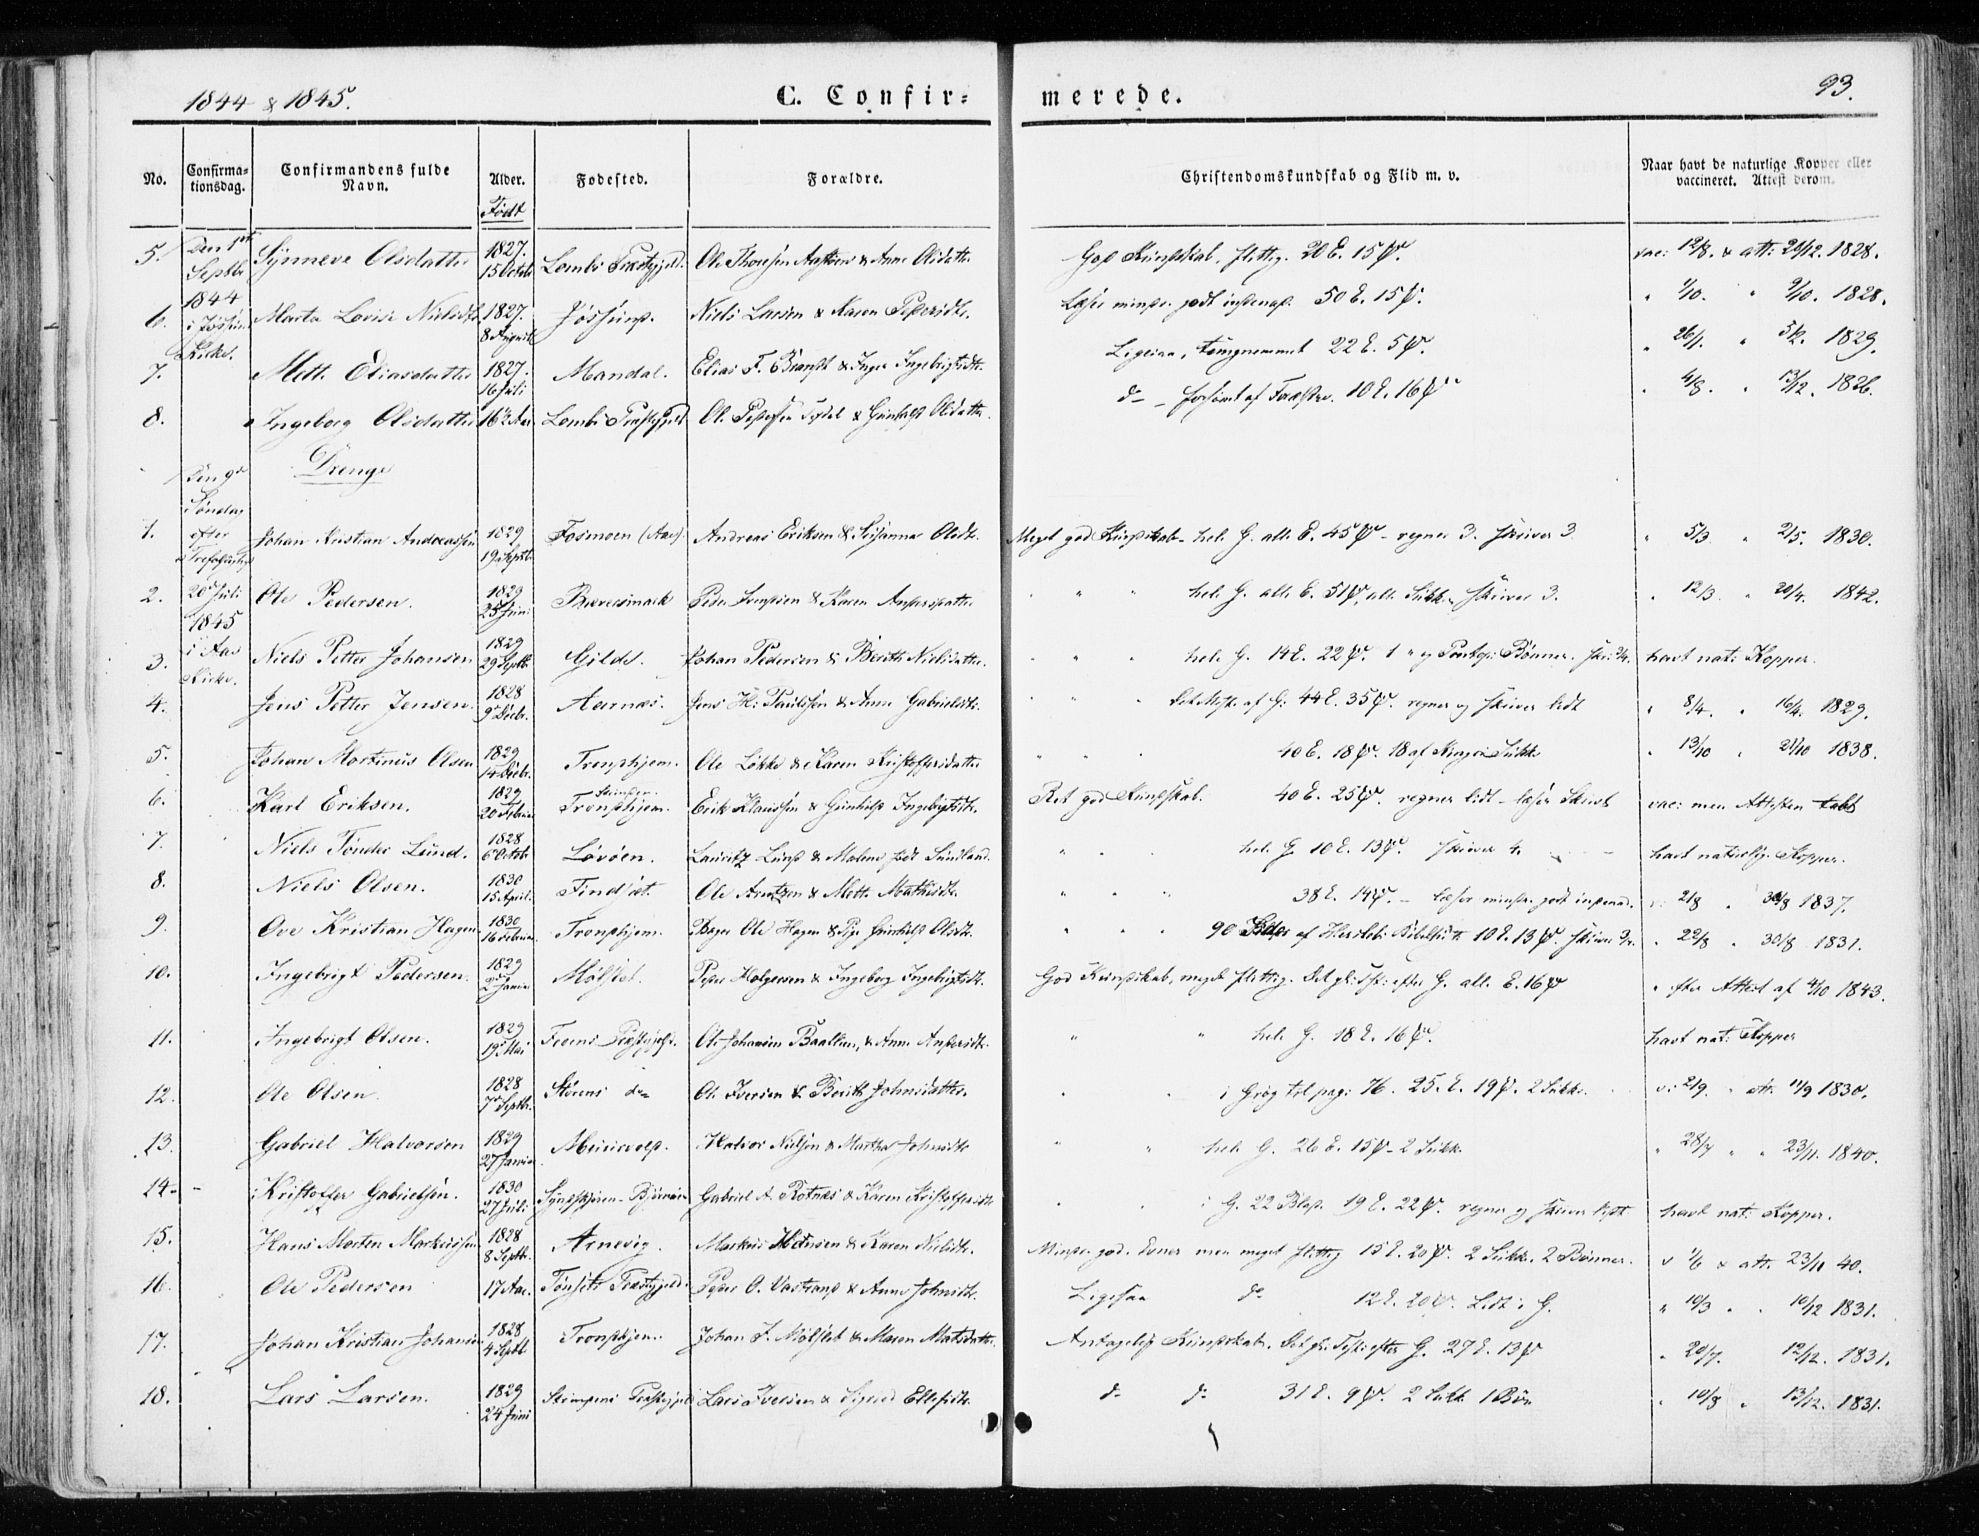 SAT, Ministerialprotokoller, klokkerbøker og fødselsregistre - Sør-Trøndelag, 655/L0677: Ministerialbok nr. 655A06, 1847-1860, s. 93